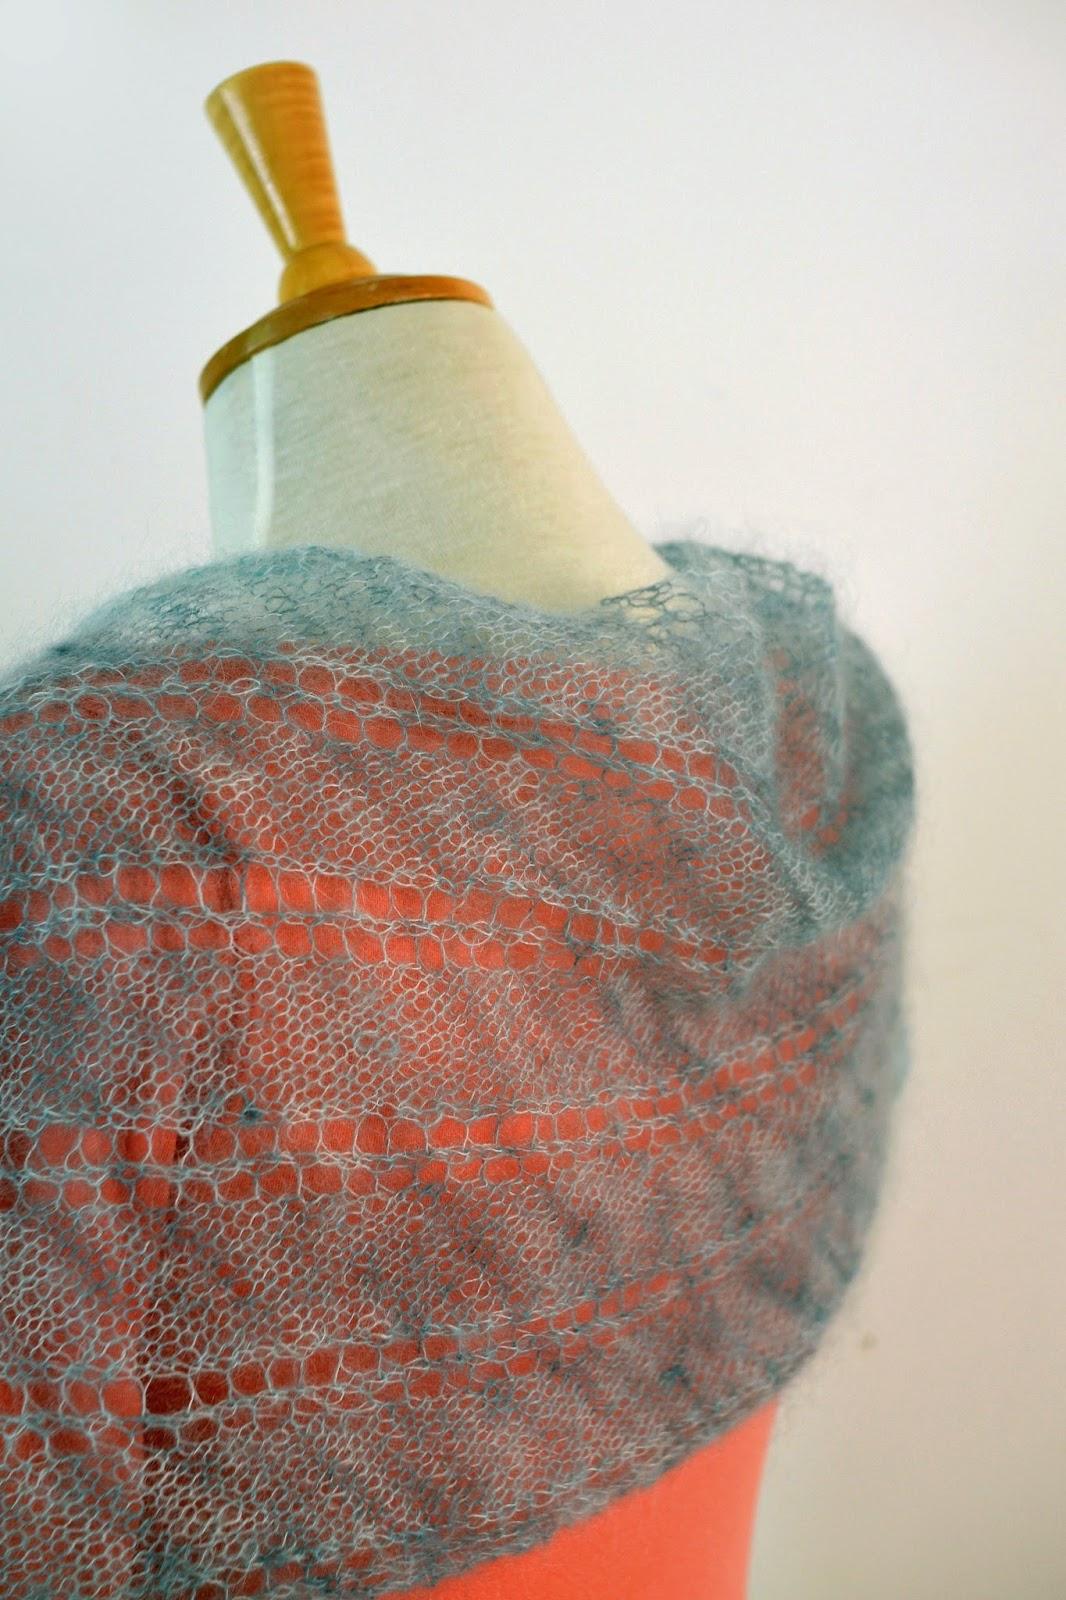 Rivelin scarf pattern by Katya Frankel